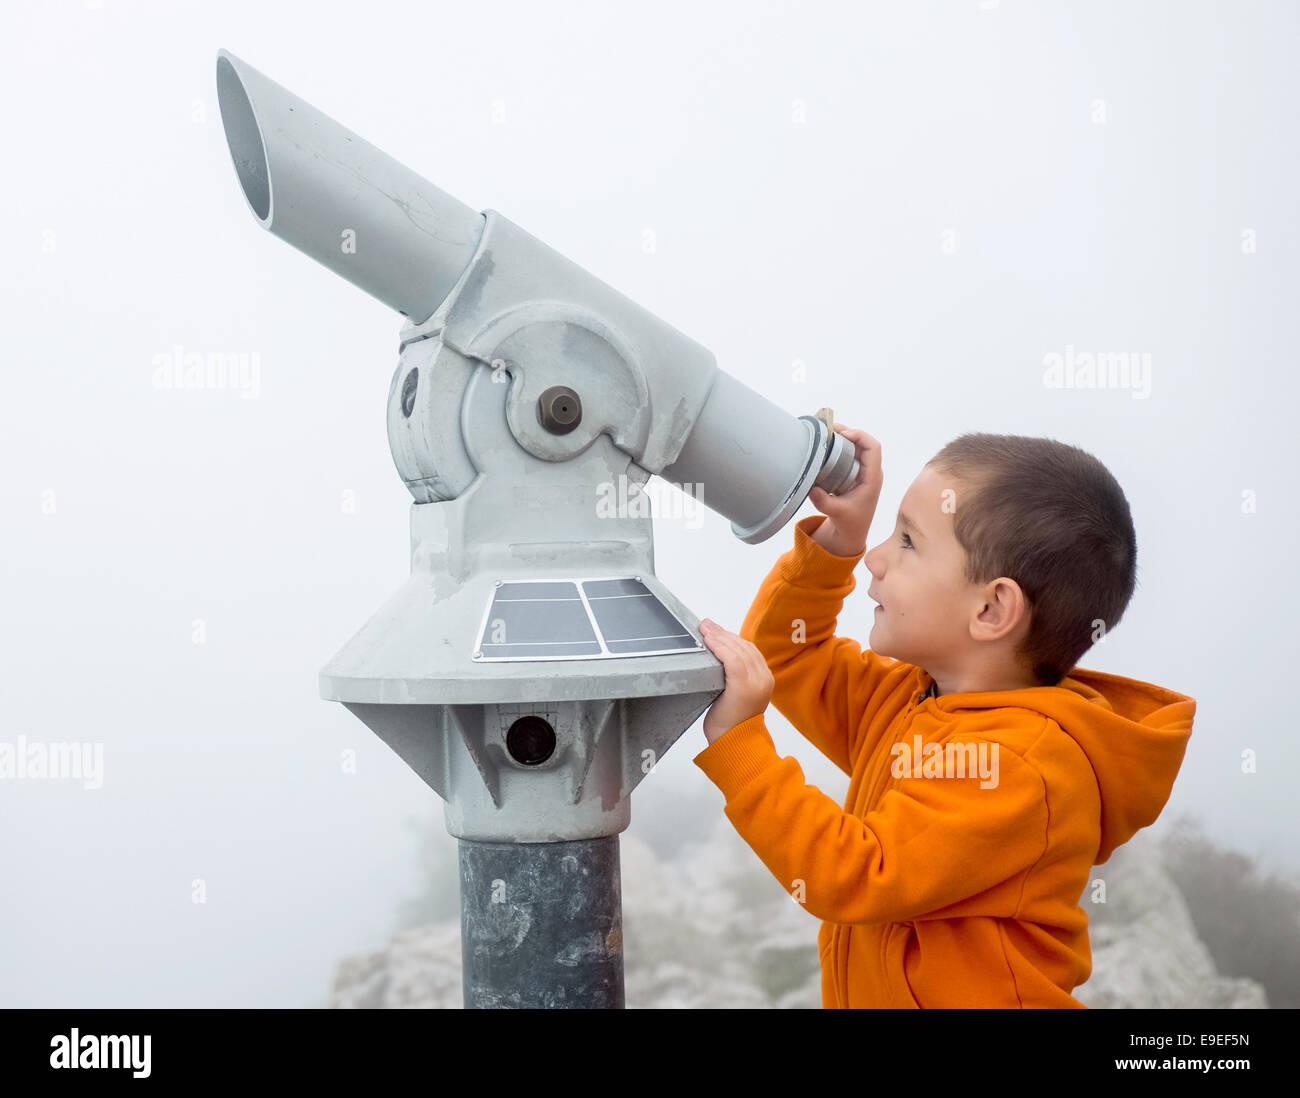 Niño mirando hacia el cielo a través de un catalejo Foto de stock